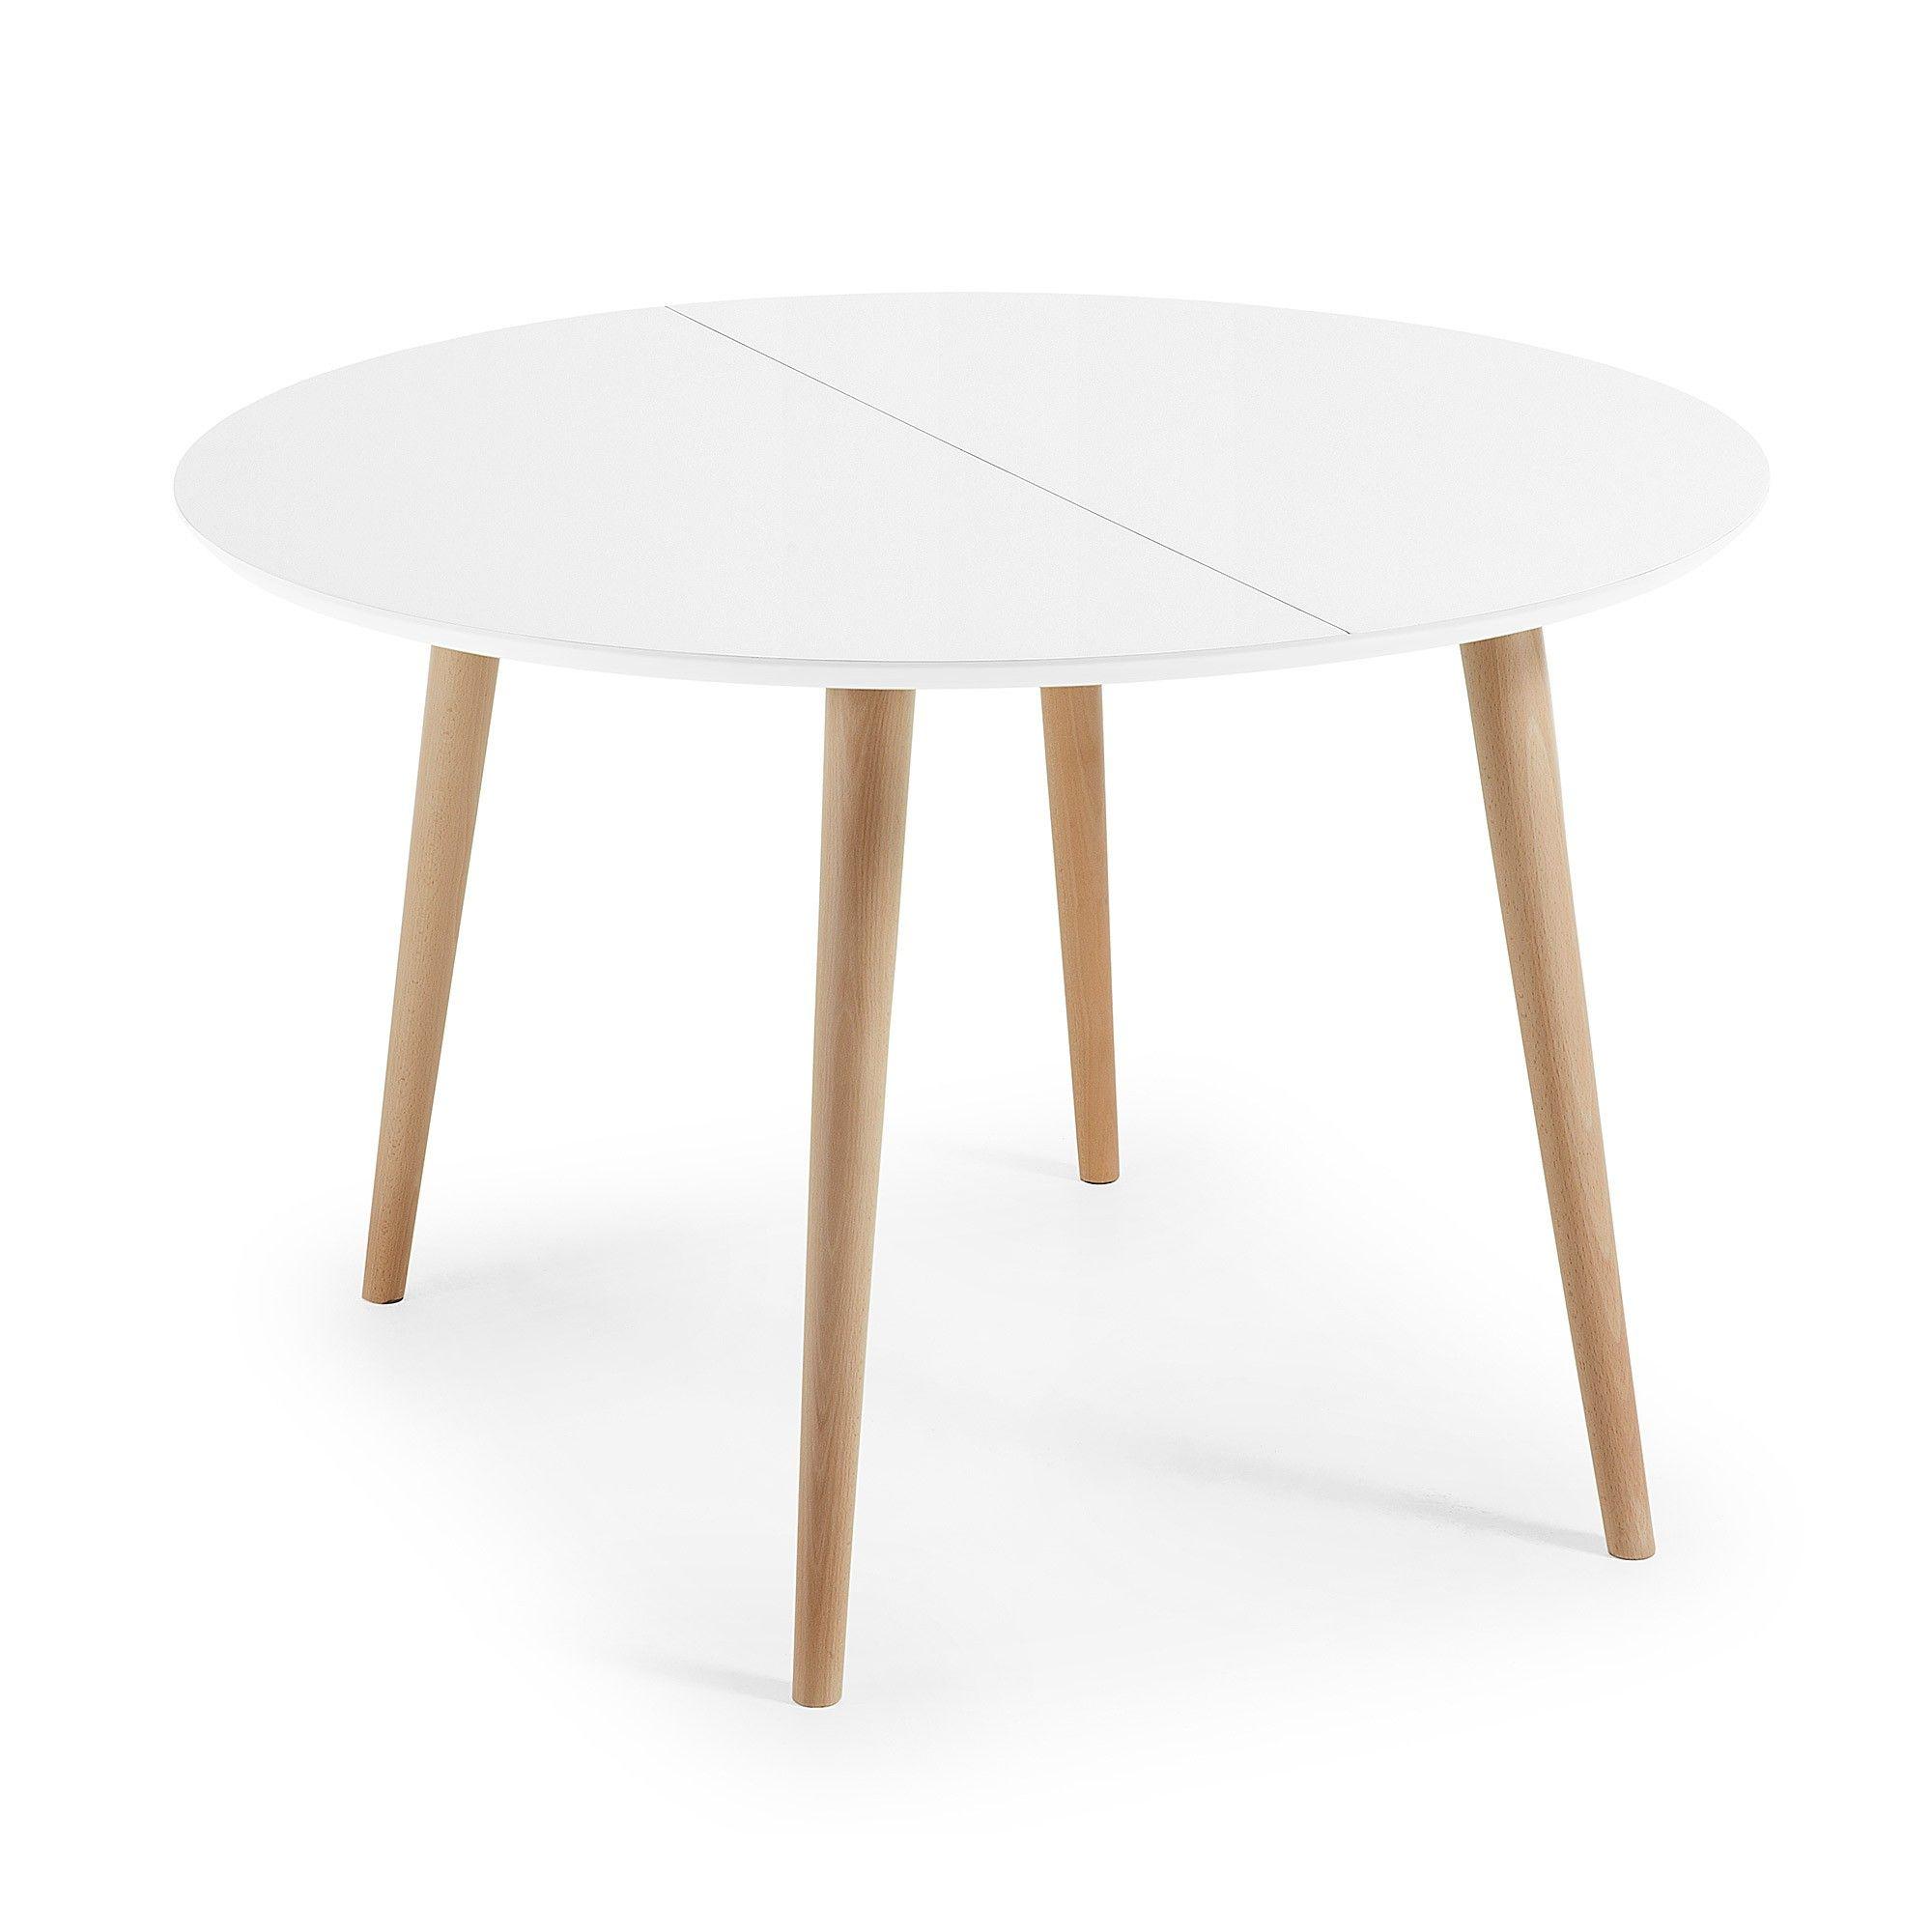 Mesa extensible Oqui redonda 120-200 cm natural y blanco en 2019 ...